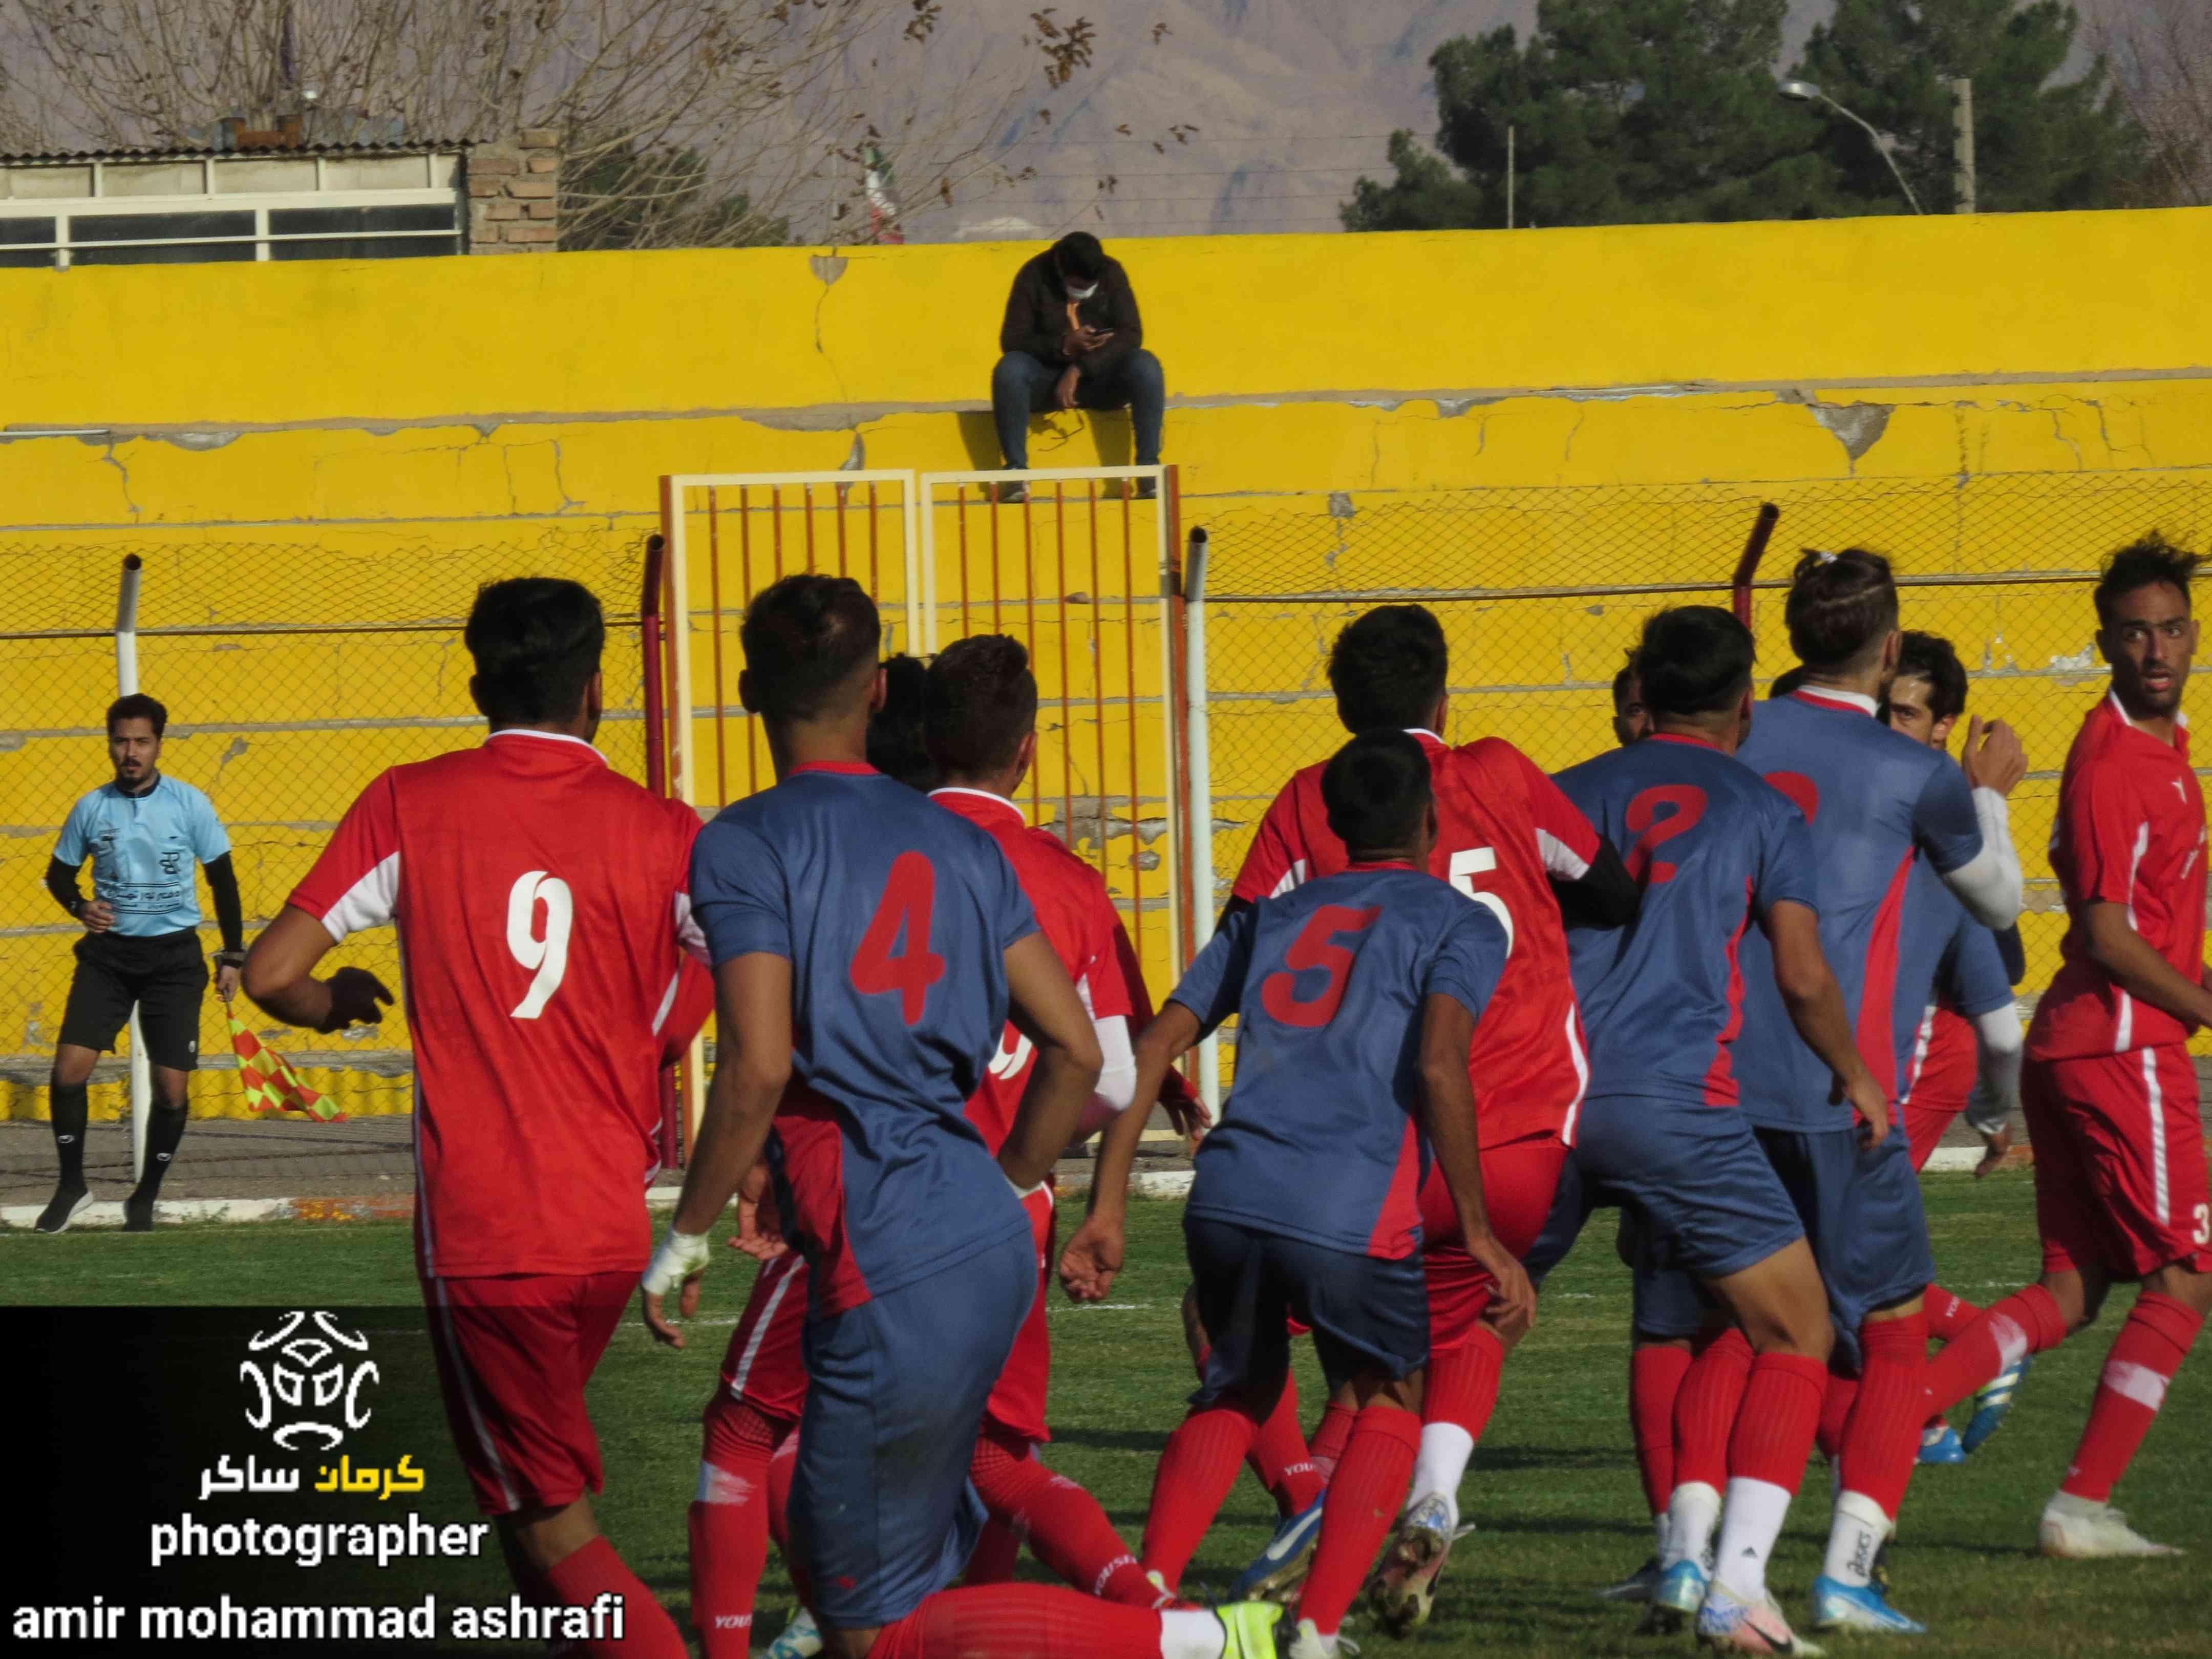 گزارش تصویری: دیدار تدارکاتی تیم های مشیز کرمان - امید گل گهر سیرجان از نگاه دوربین امیرمحمد اشرفی